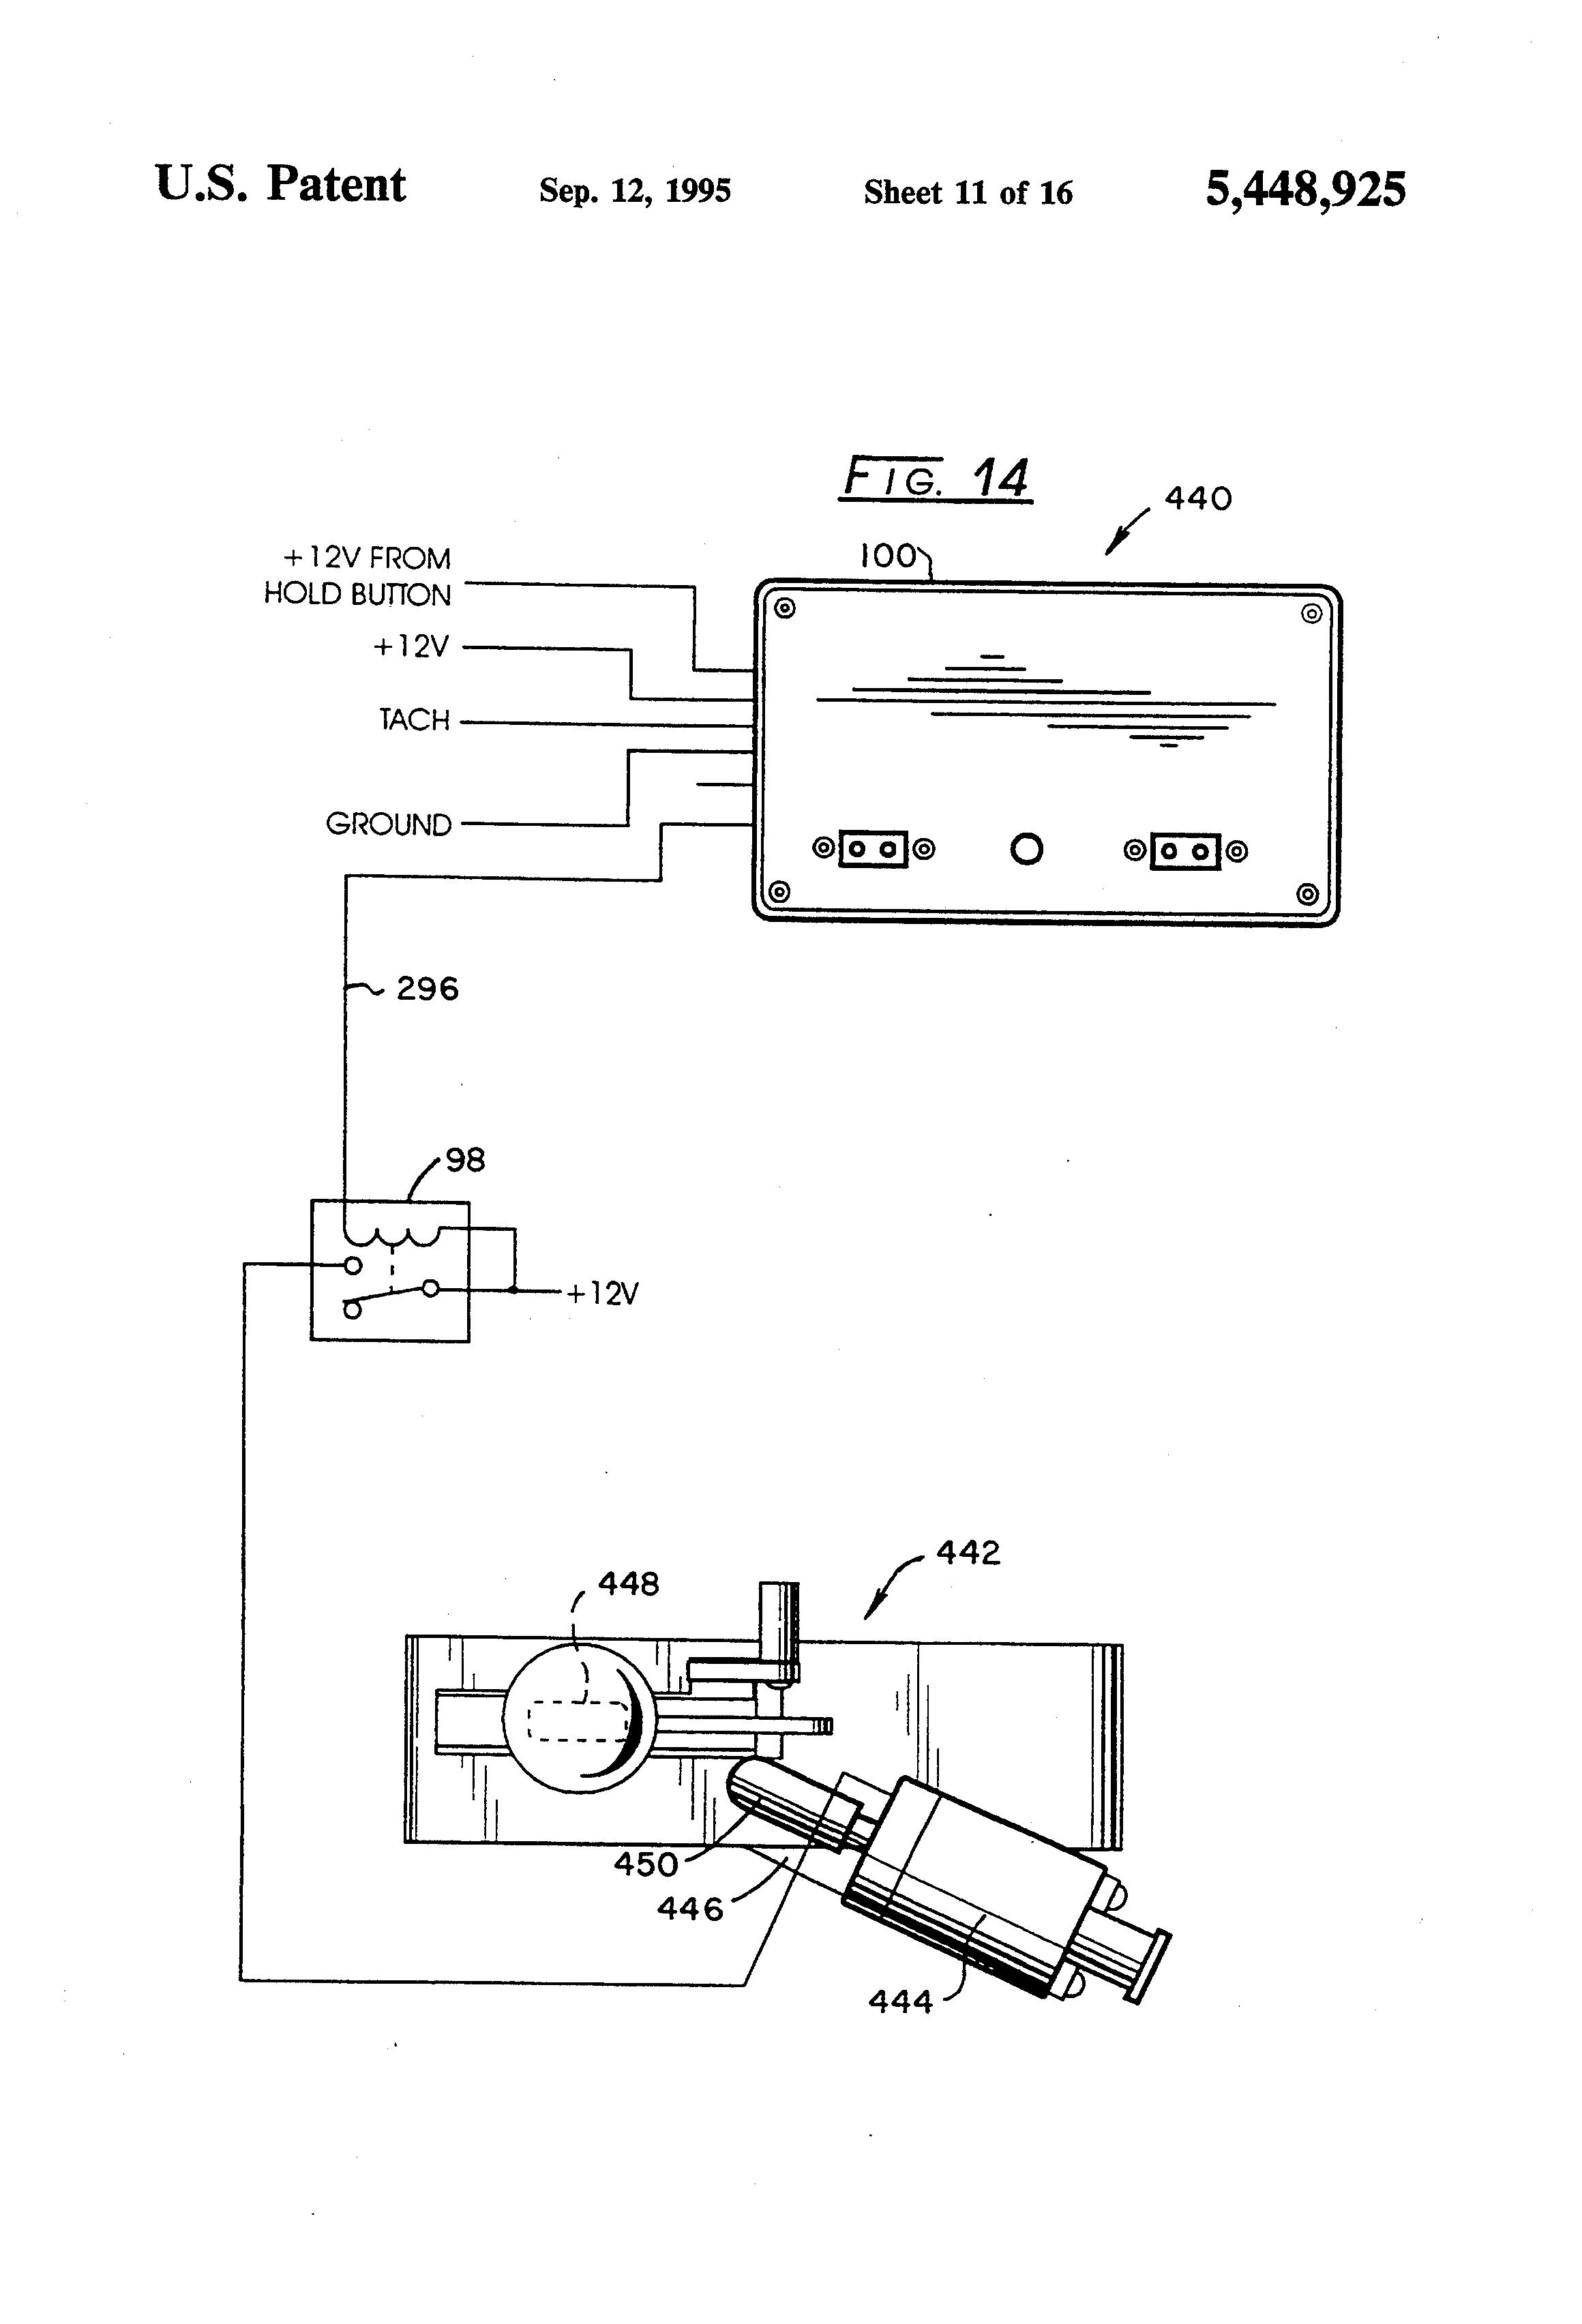 shifnoid wiring diagram wiring diagram for light switch u2022 rh prestonfarmmotors co